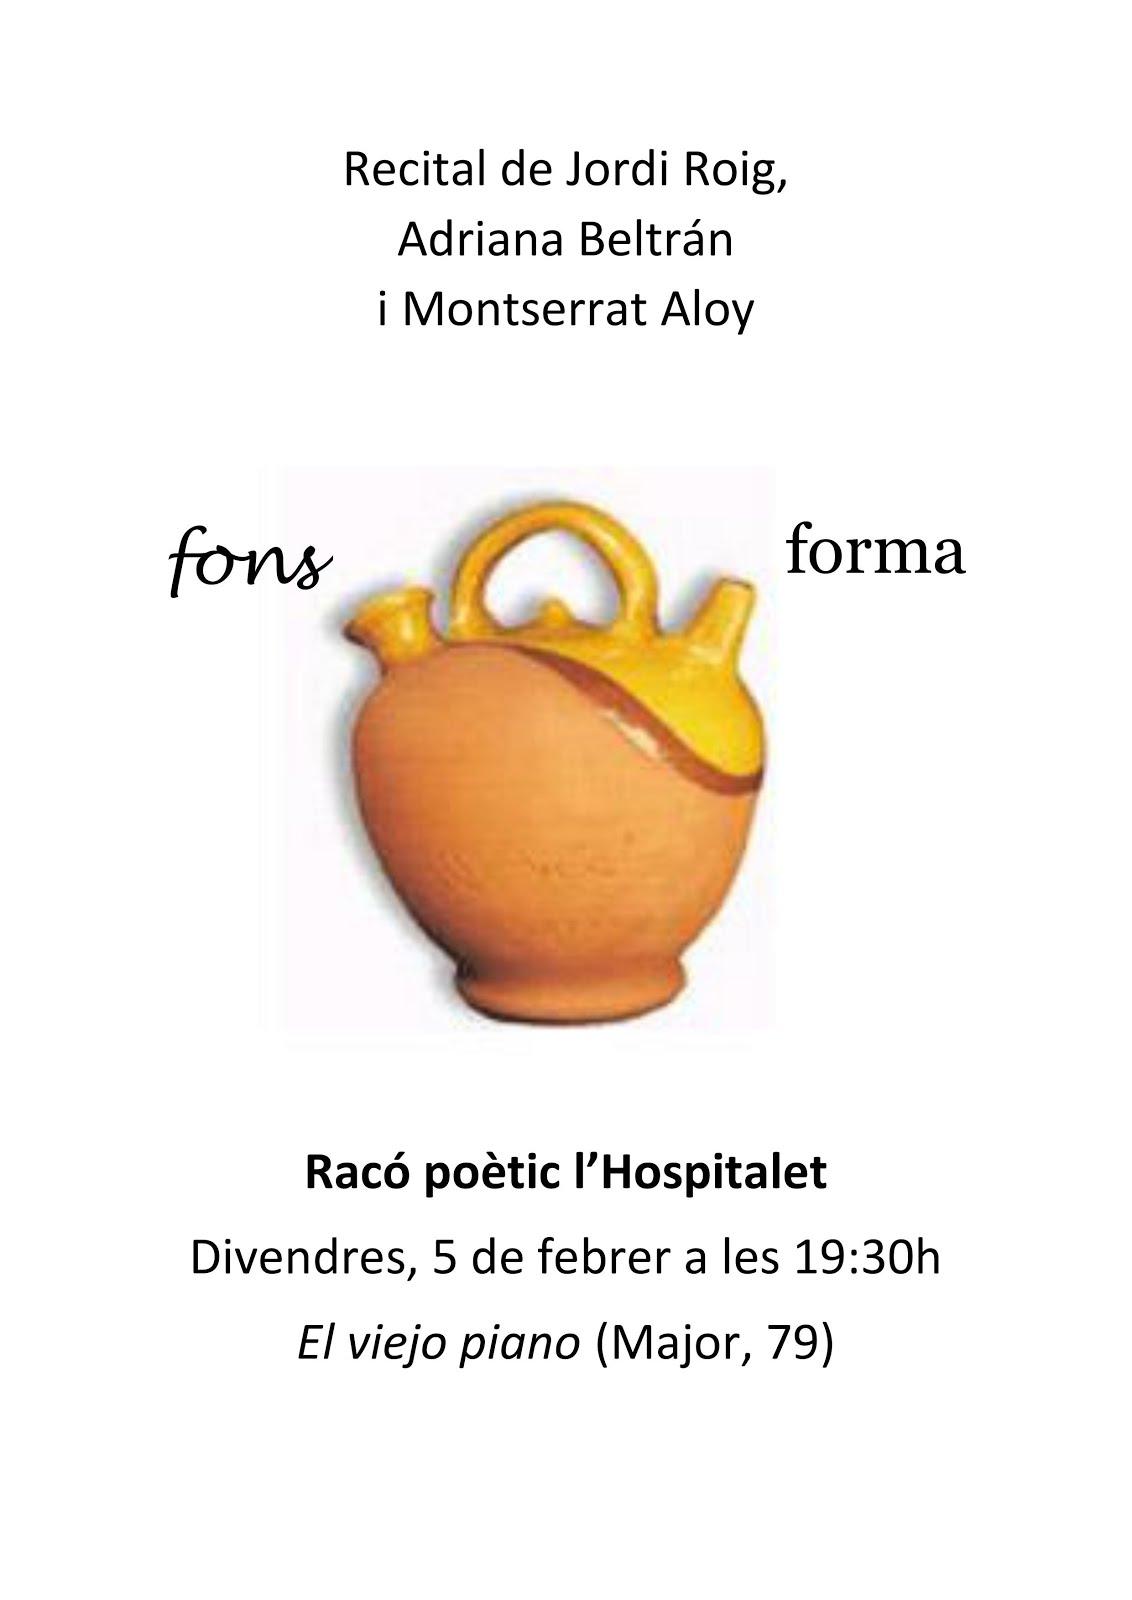 Racó poètic l'Hospitalet